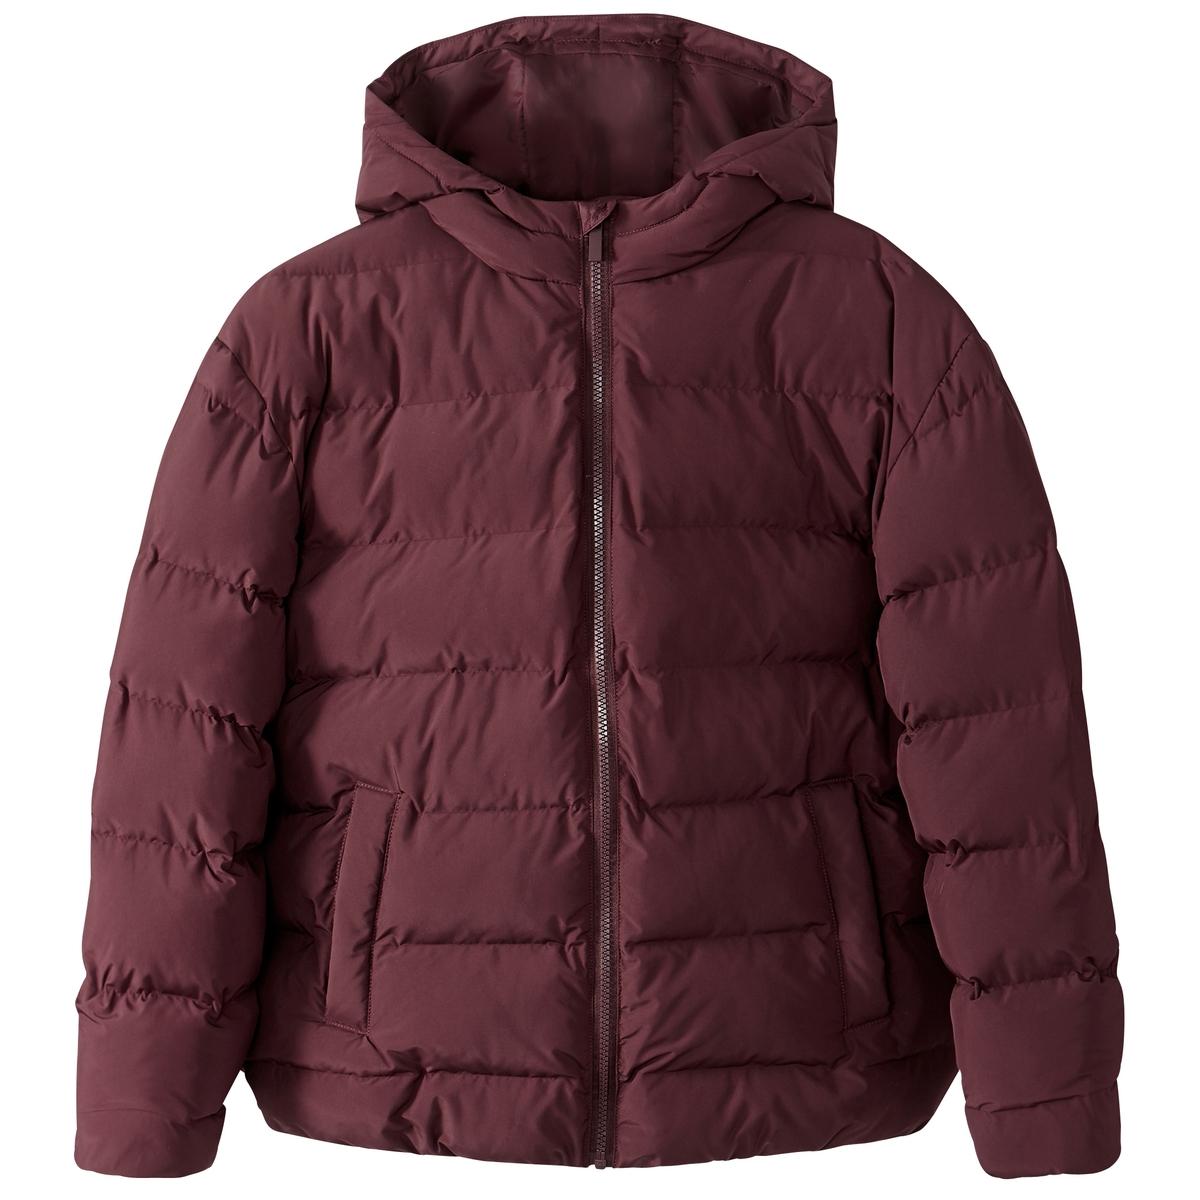 Куртка с капюшоном покроя оверсайзОписание:Теплая и удобная стеганая куртка возвращается этой зимой, чтобы вы выглядели стильно и не ощущали холодов .Детали •  Длина : укороченная   •  Круглый вырез •  Застежка на молнию •  С капюшономСостав и уход •  100% полиэстер •  Подкладка : 100% полиэстер •  Наполнитель : 100% полиэстер • Не стирать •  Деликатная чистка/без отбеливателей •  Не использовать барабанную сушку   •  Не гладить •  Длина : 65 см<br><br>Цвет: бордовый,темно-синий<br>Размер: 44 (FR) - 50 (RUS).42 (FR) - 48 (RUS).52 (FR) - 58 (RUS).46 (FR) - 52 (RUS).40 (FR) - 46 (RUS).38 (FR) - 44 (RUS).40 (FR) - 46 (RUS).36 (FR) - 42 (RUS).38 (FR) - 44 (RUS).34 (FR) - 40 (RUS).34 (FR) - 40 (RUS).50 (FR) - 56 (RUS).52 (FR) - 58 (RUS)